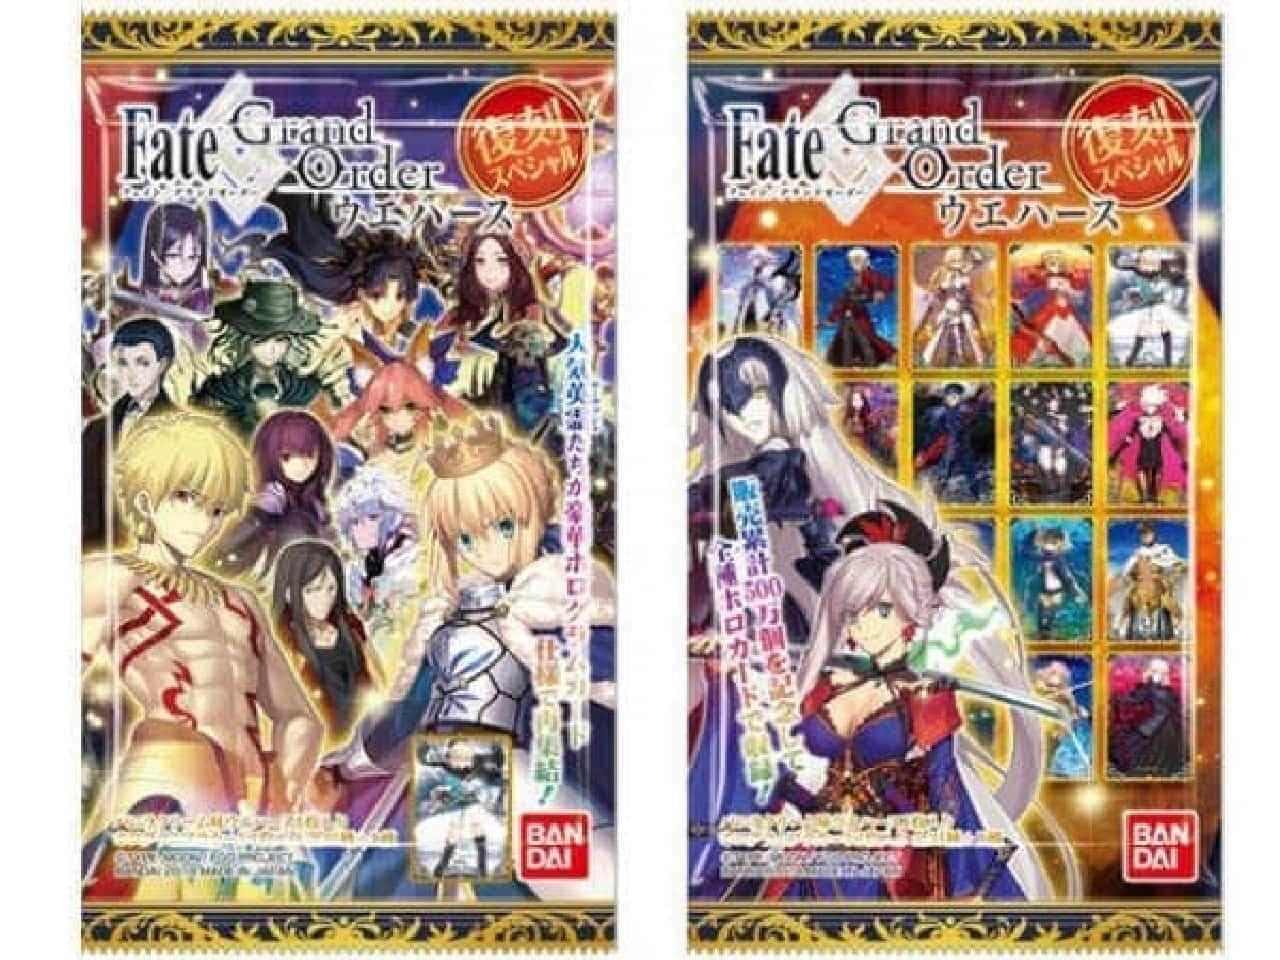 バンダイキャンディ事業部「Fate/Grand Orderウエハース 復刻スペシャル」